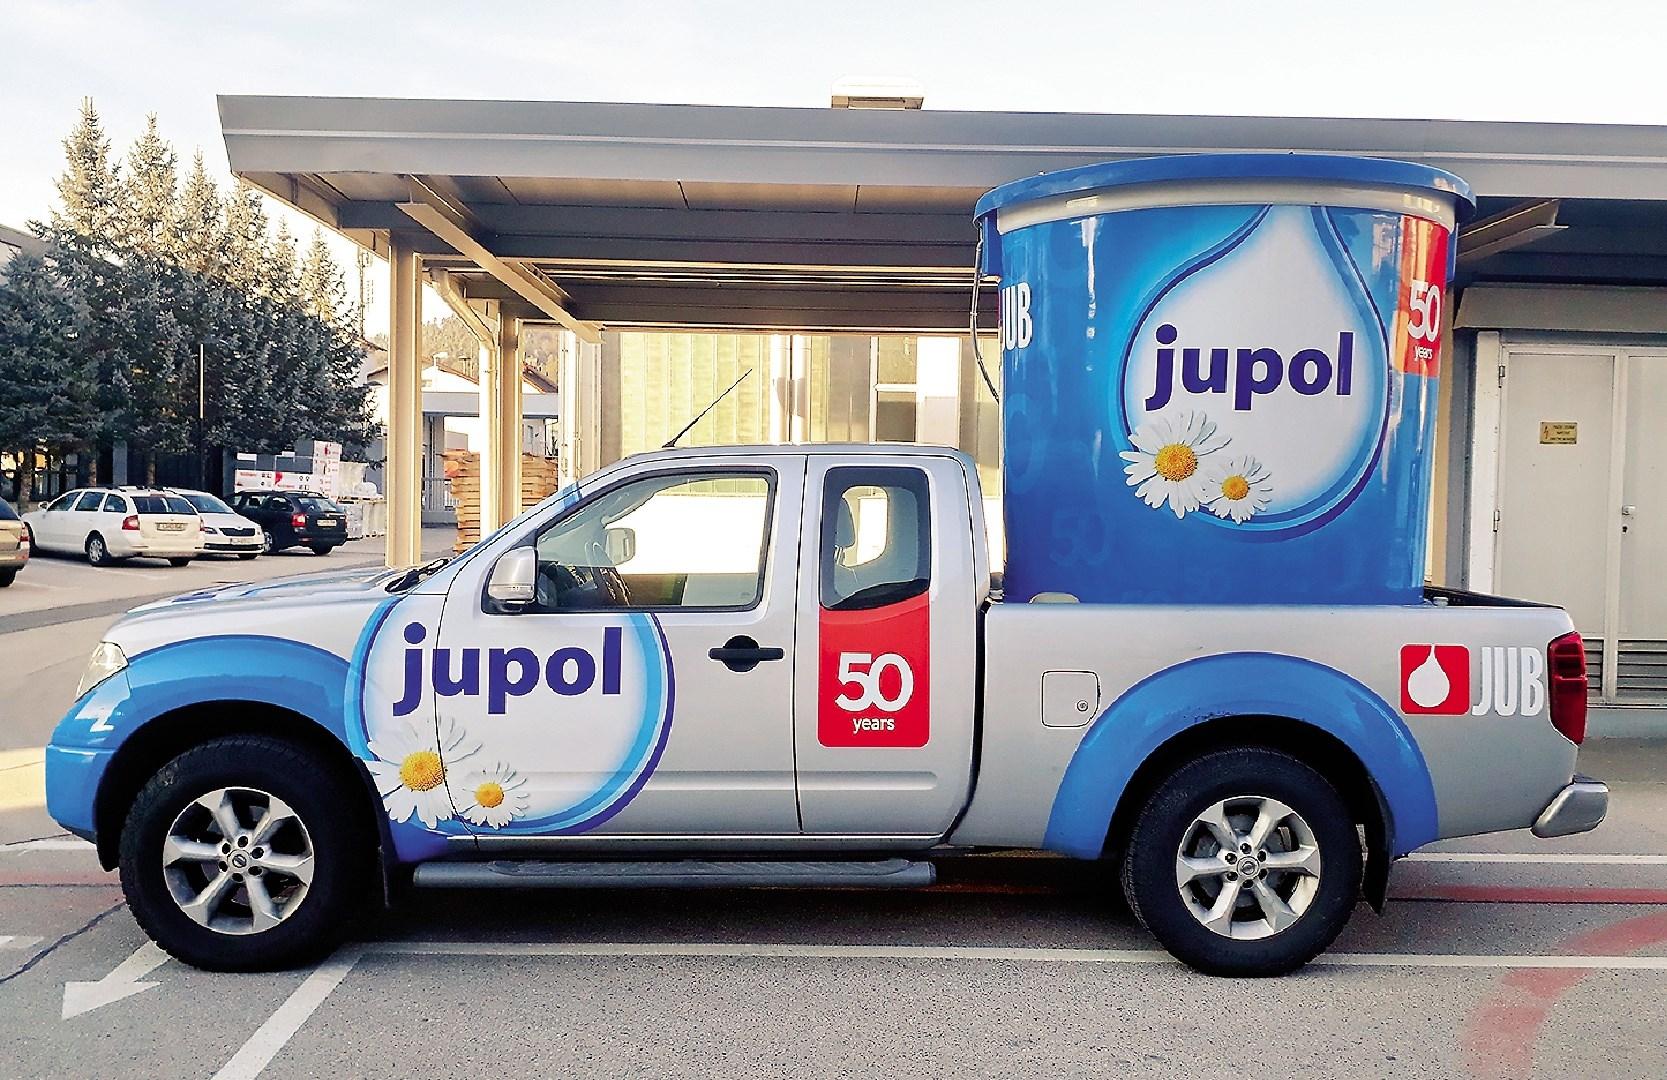 Blagovna znamka JUPOL letos praznuje petdeset let